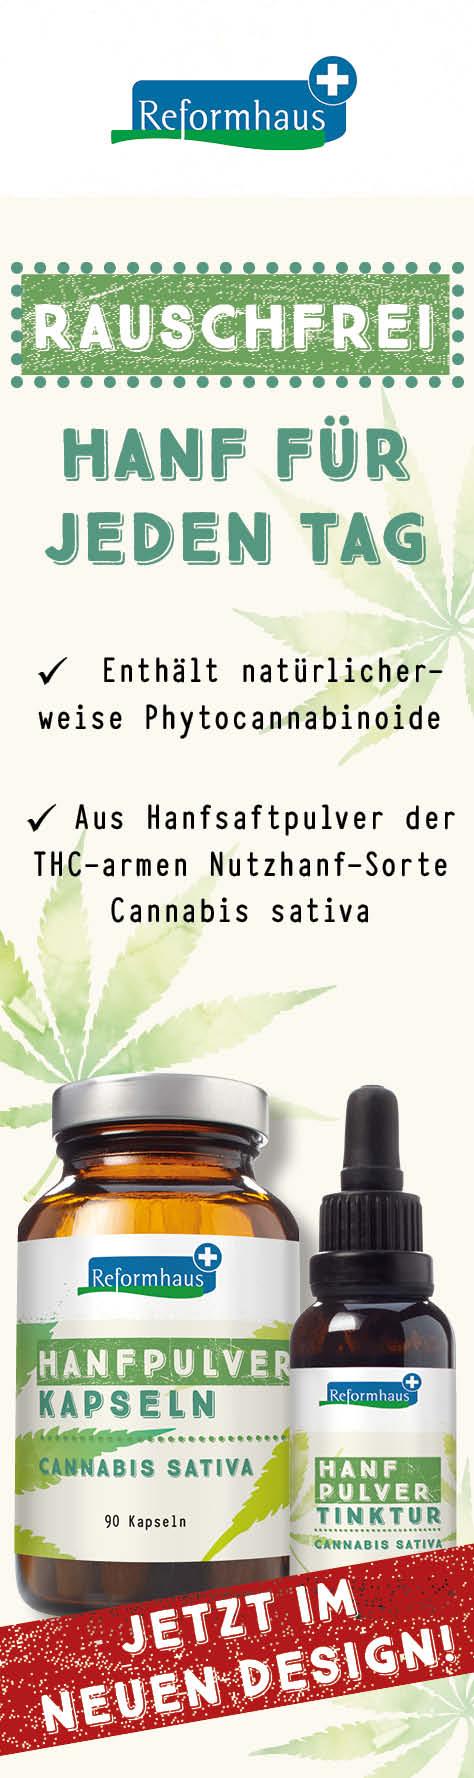 Reformhaus Hanfpulver-Produkte